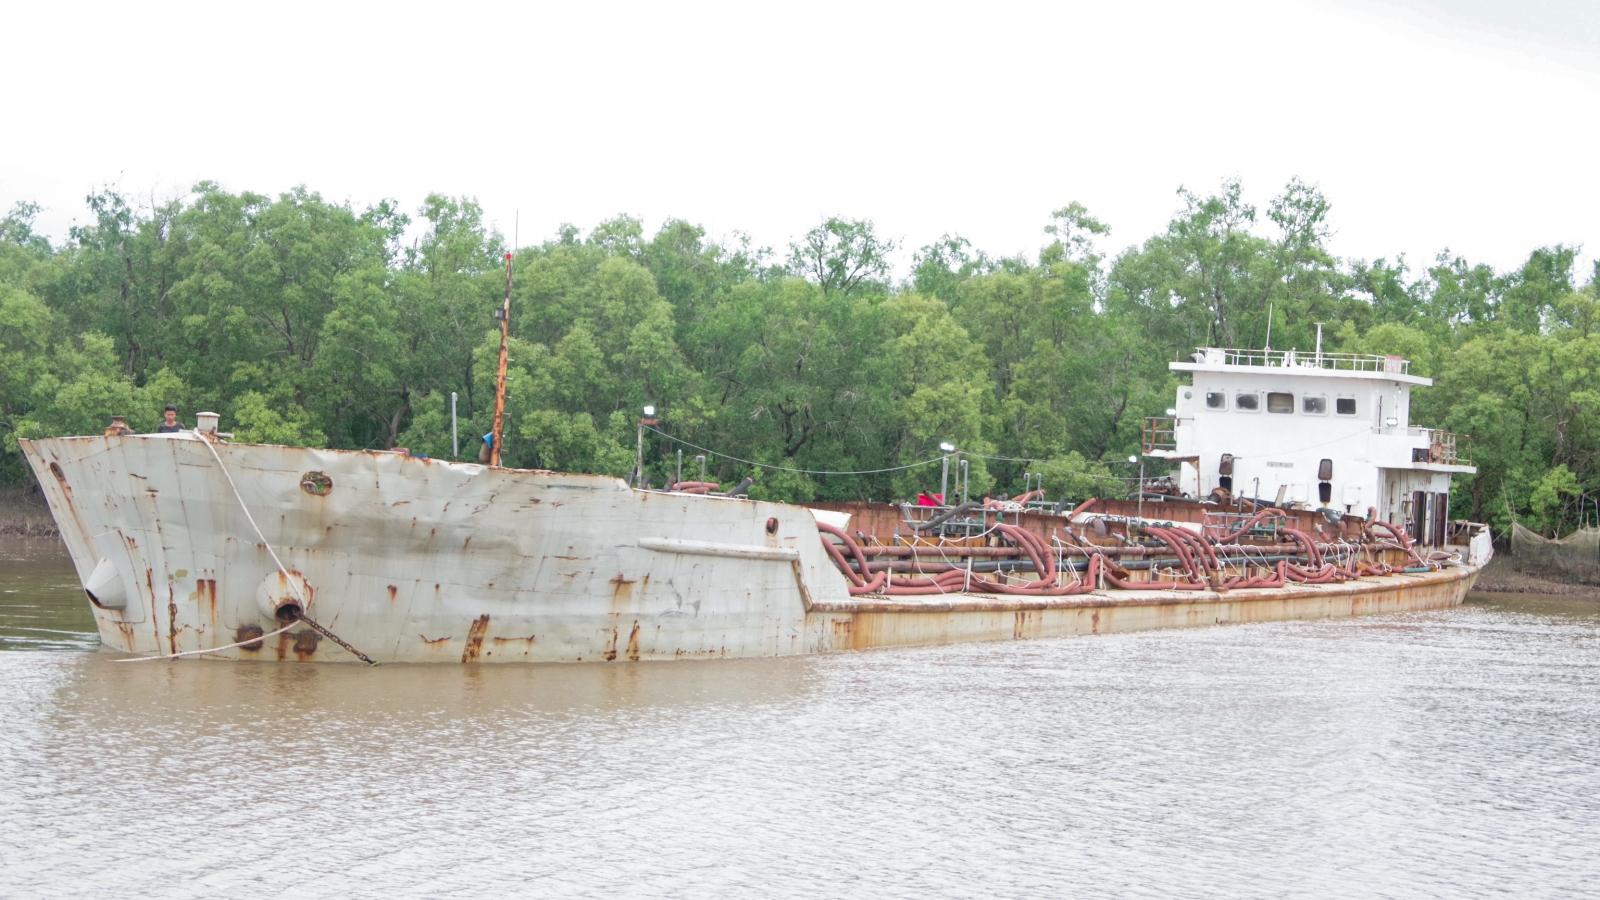 Bộ đội Biên phòng Sóc Trăng tạm giữ phương tiện vận chuyển cát biển trái phép